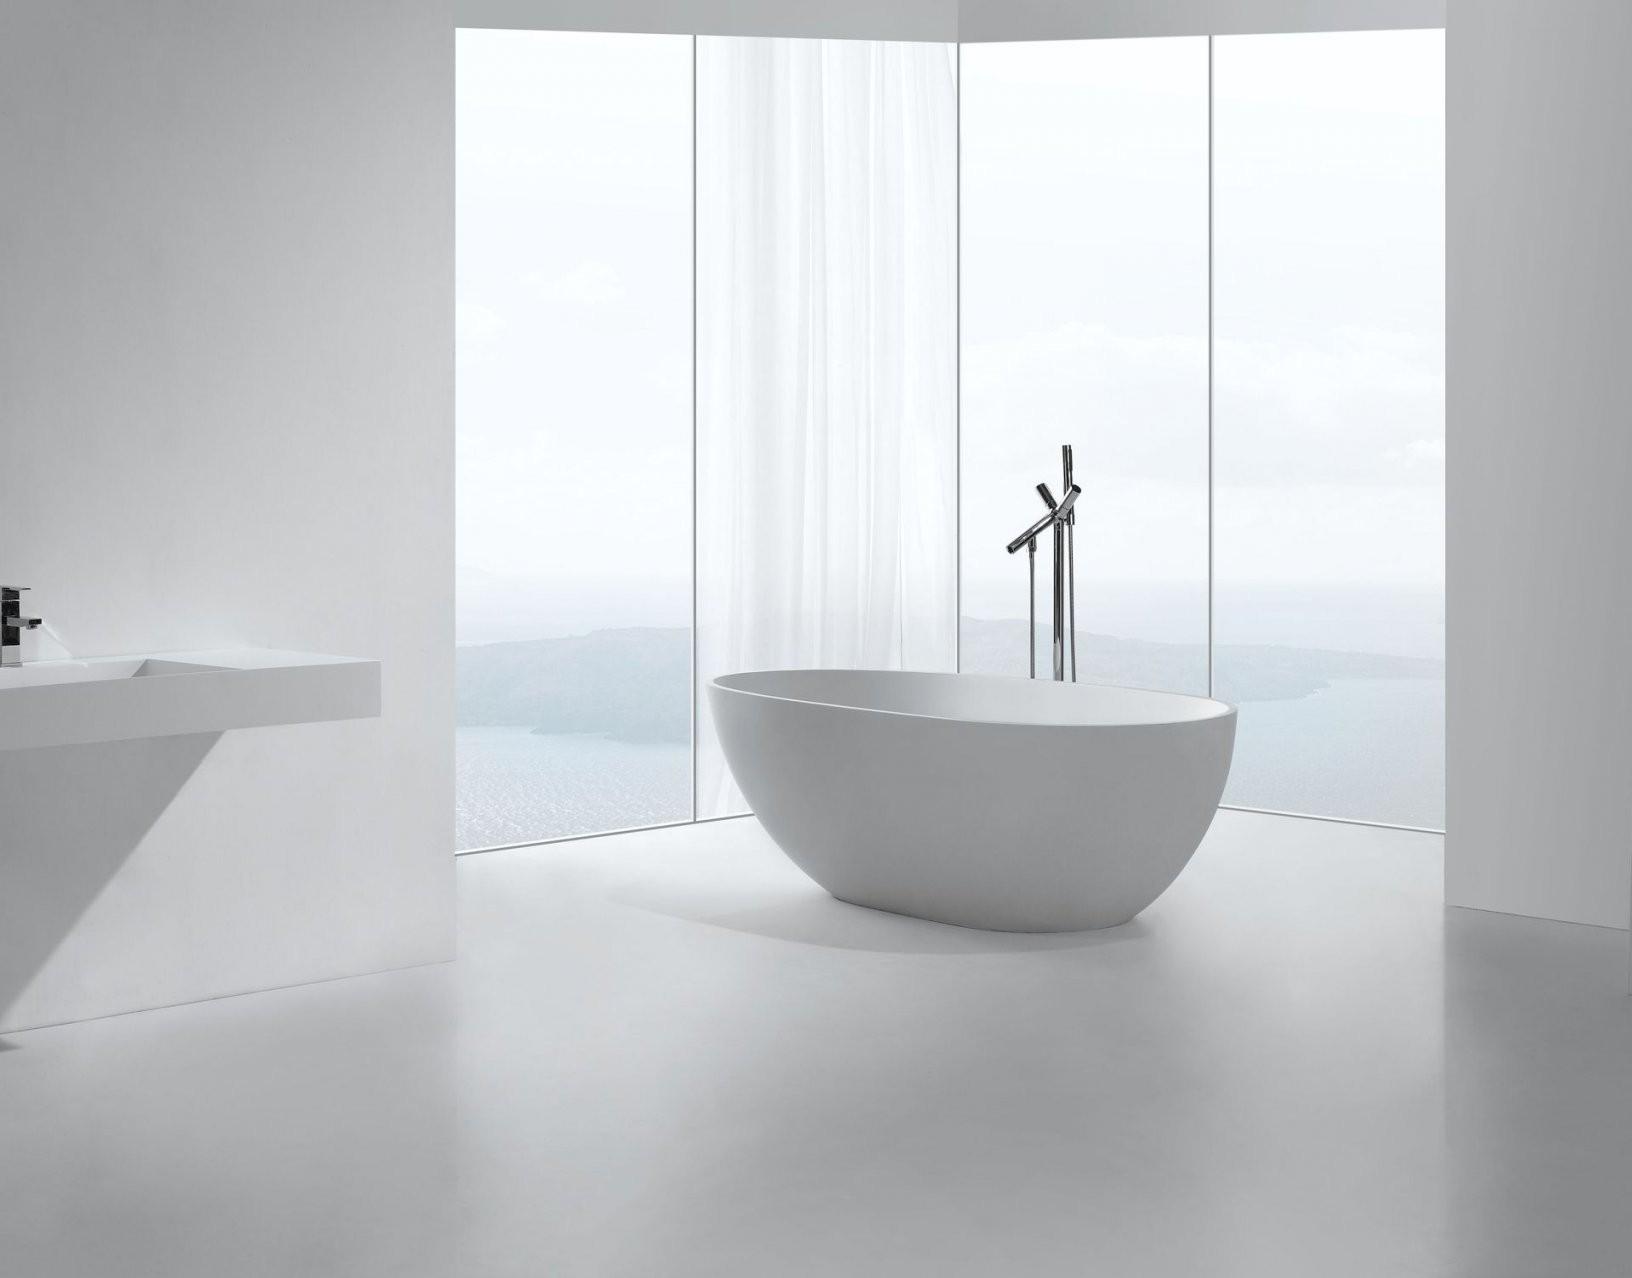 Freistehende Badewanne Bwix118 von Kleine Freistehende Badewanne Bild